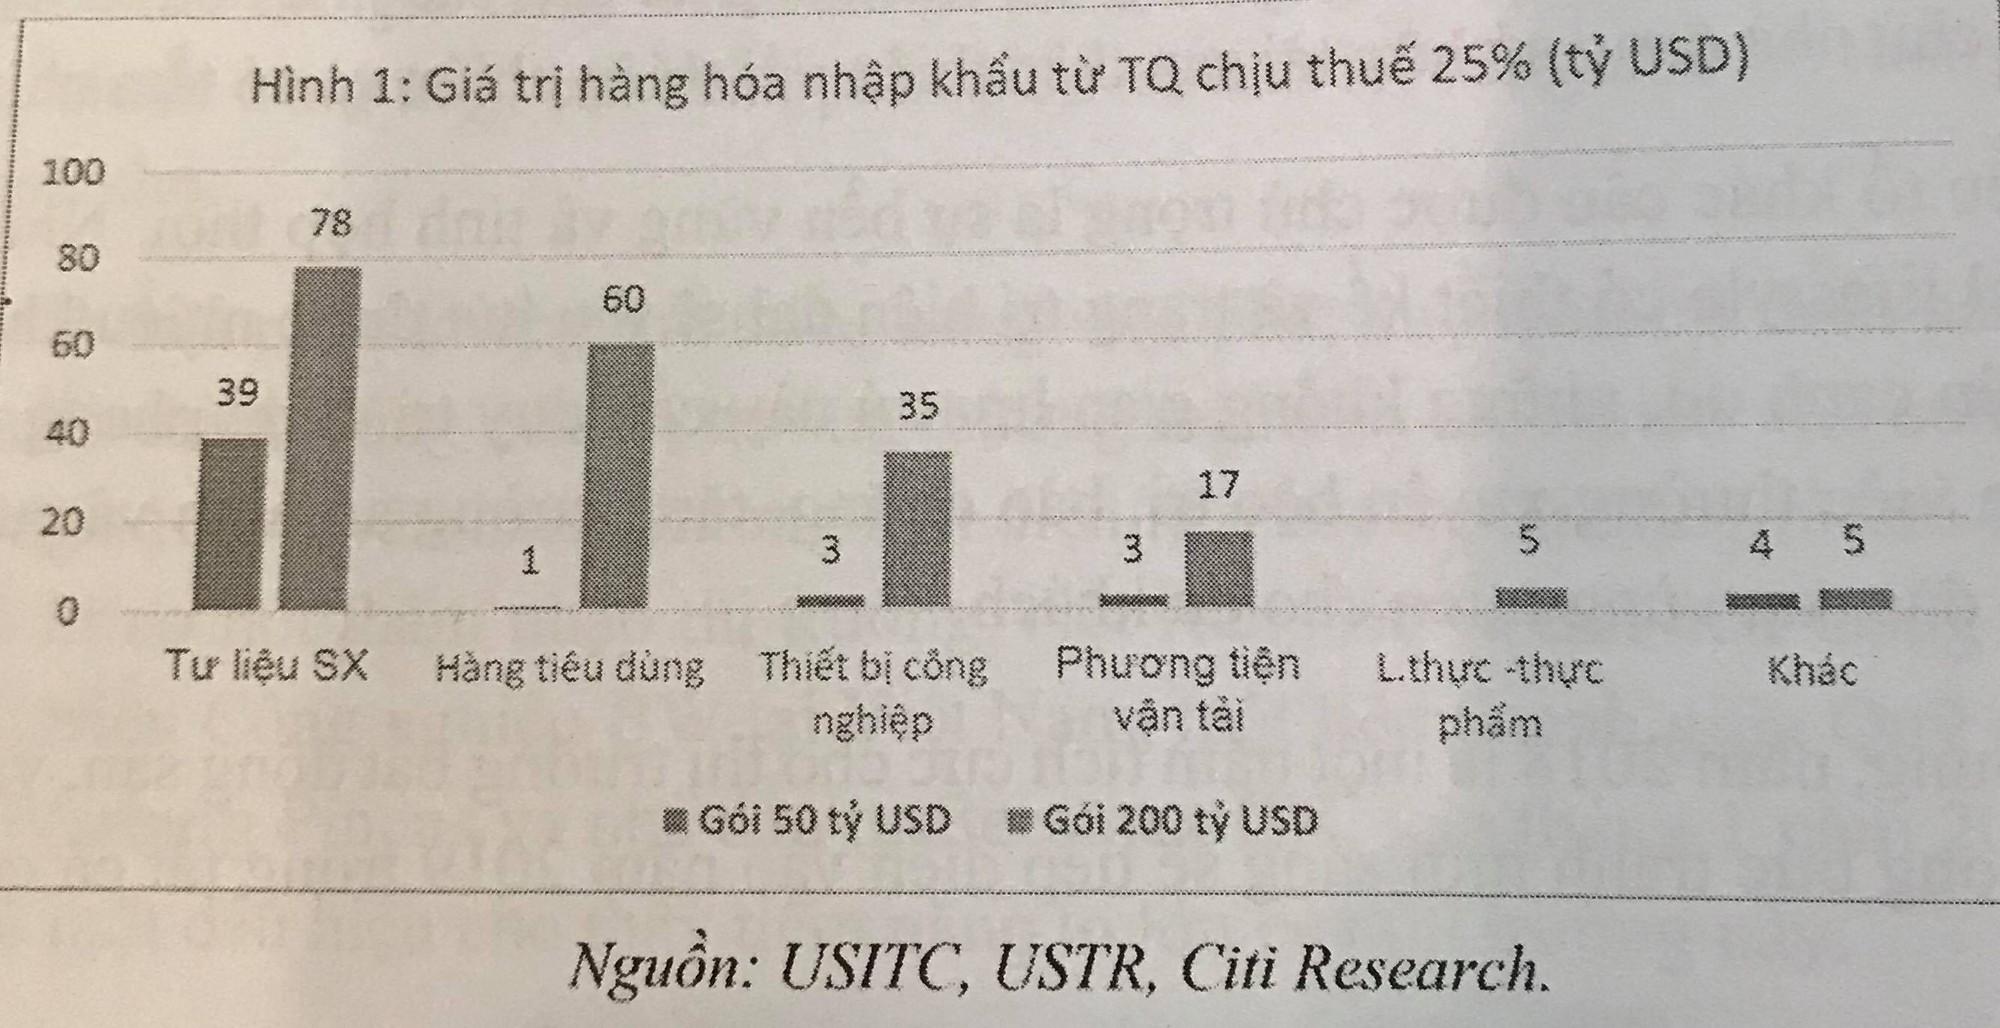 Ông Cấn Văn Lực: 'Căng thẳng thương mại Mỹ - Trung giúp đầu tư bất động sản hưởng lợi, nhất là địa bàn lân cận Trung Quốc' - Ảnh 2.